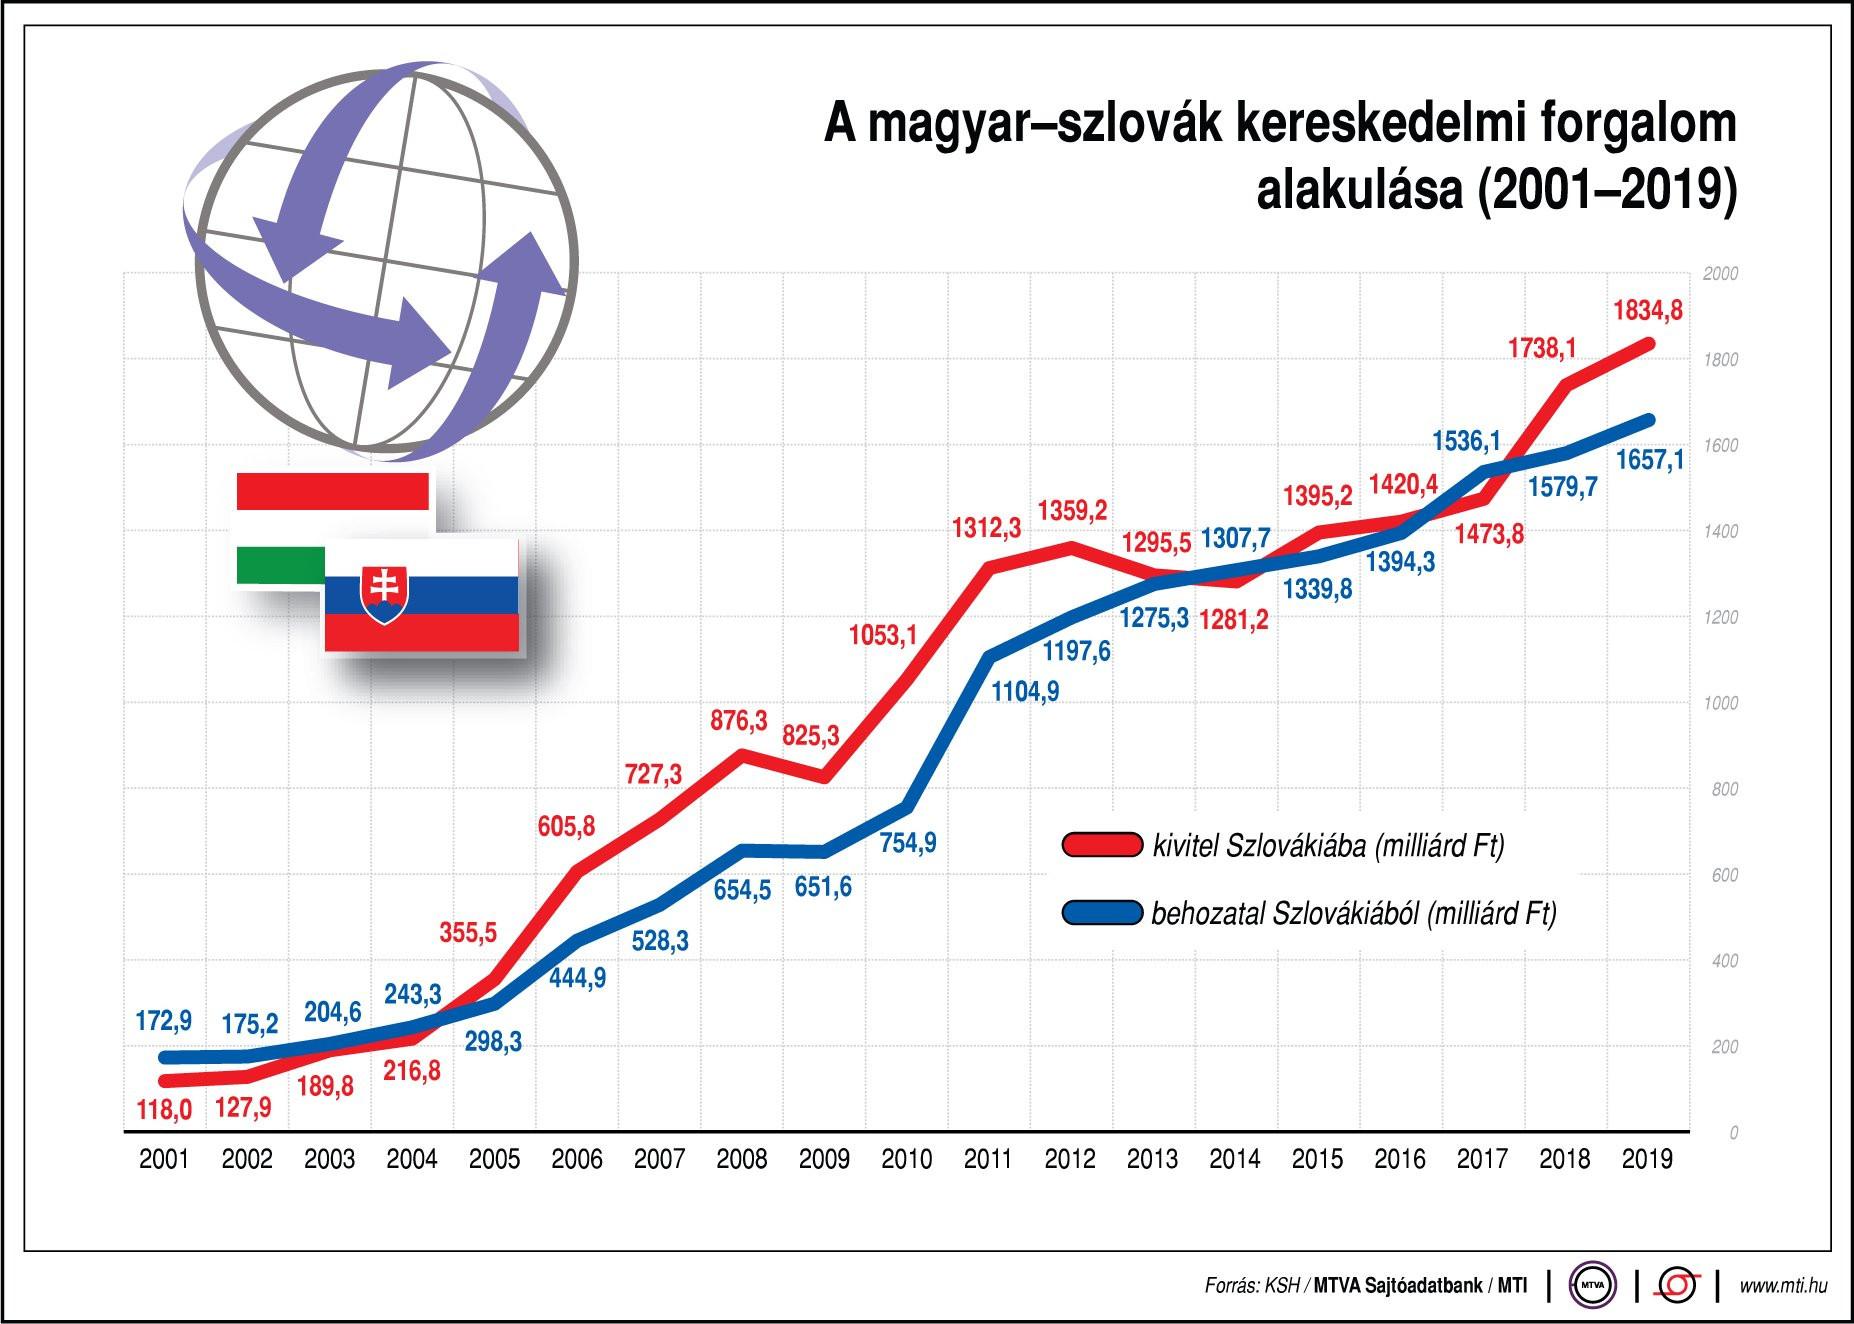 A magyar-szlovák kereskedelmi forgalom alakulása (2001-2019)